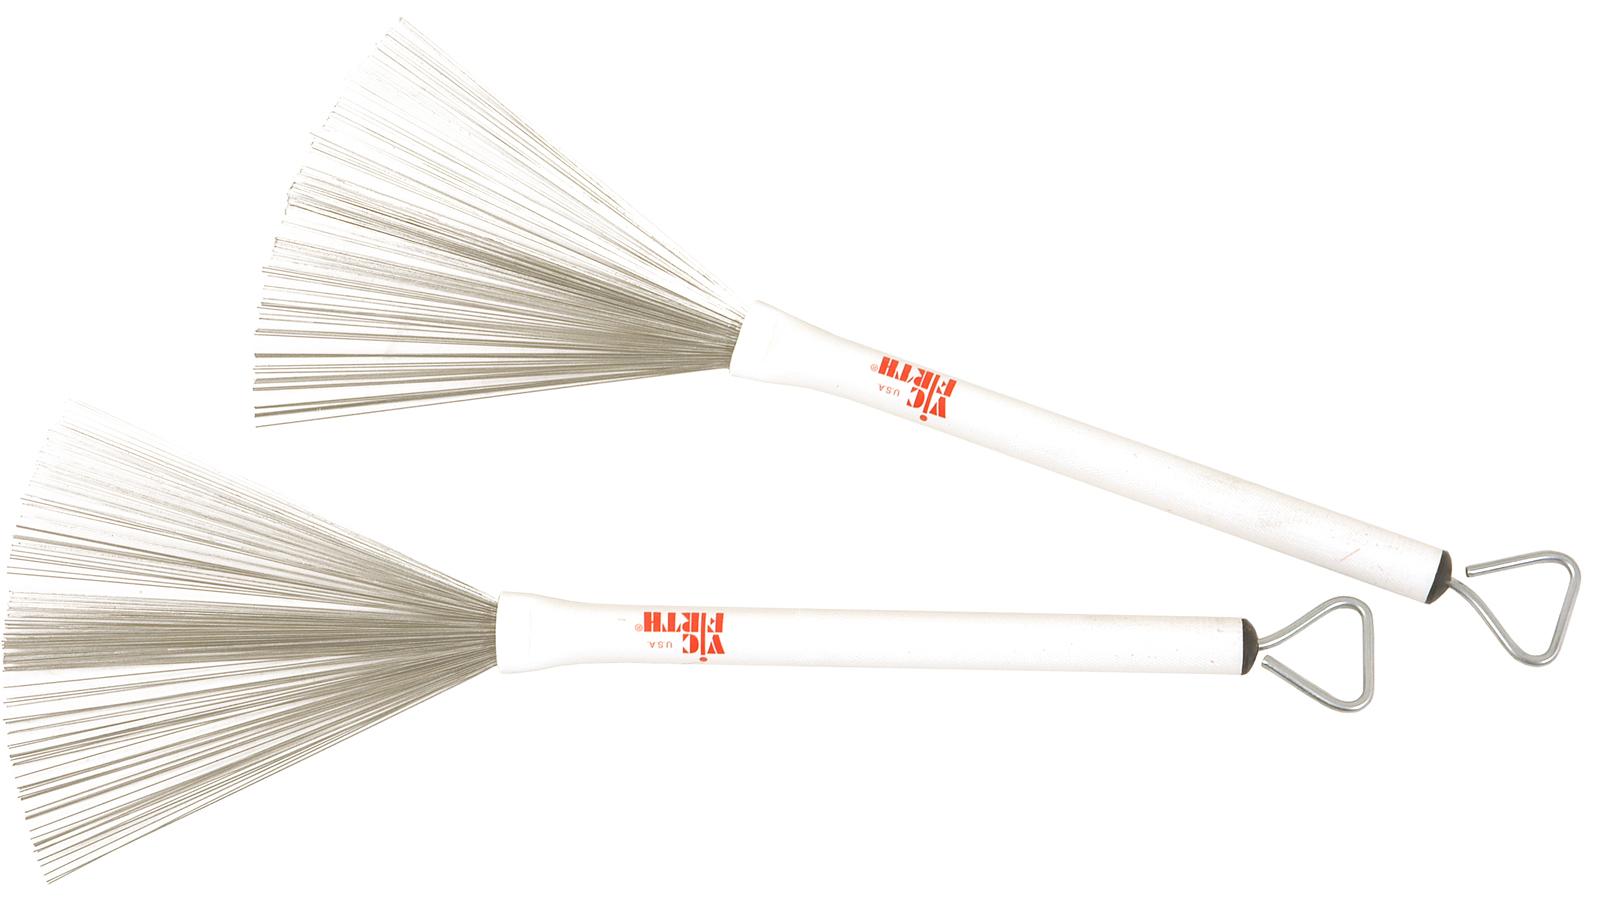 Vic Firth Besen wire brush